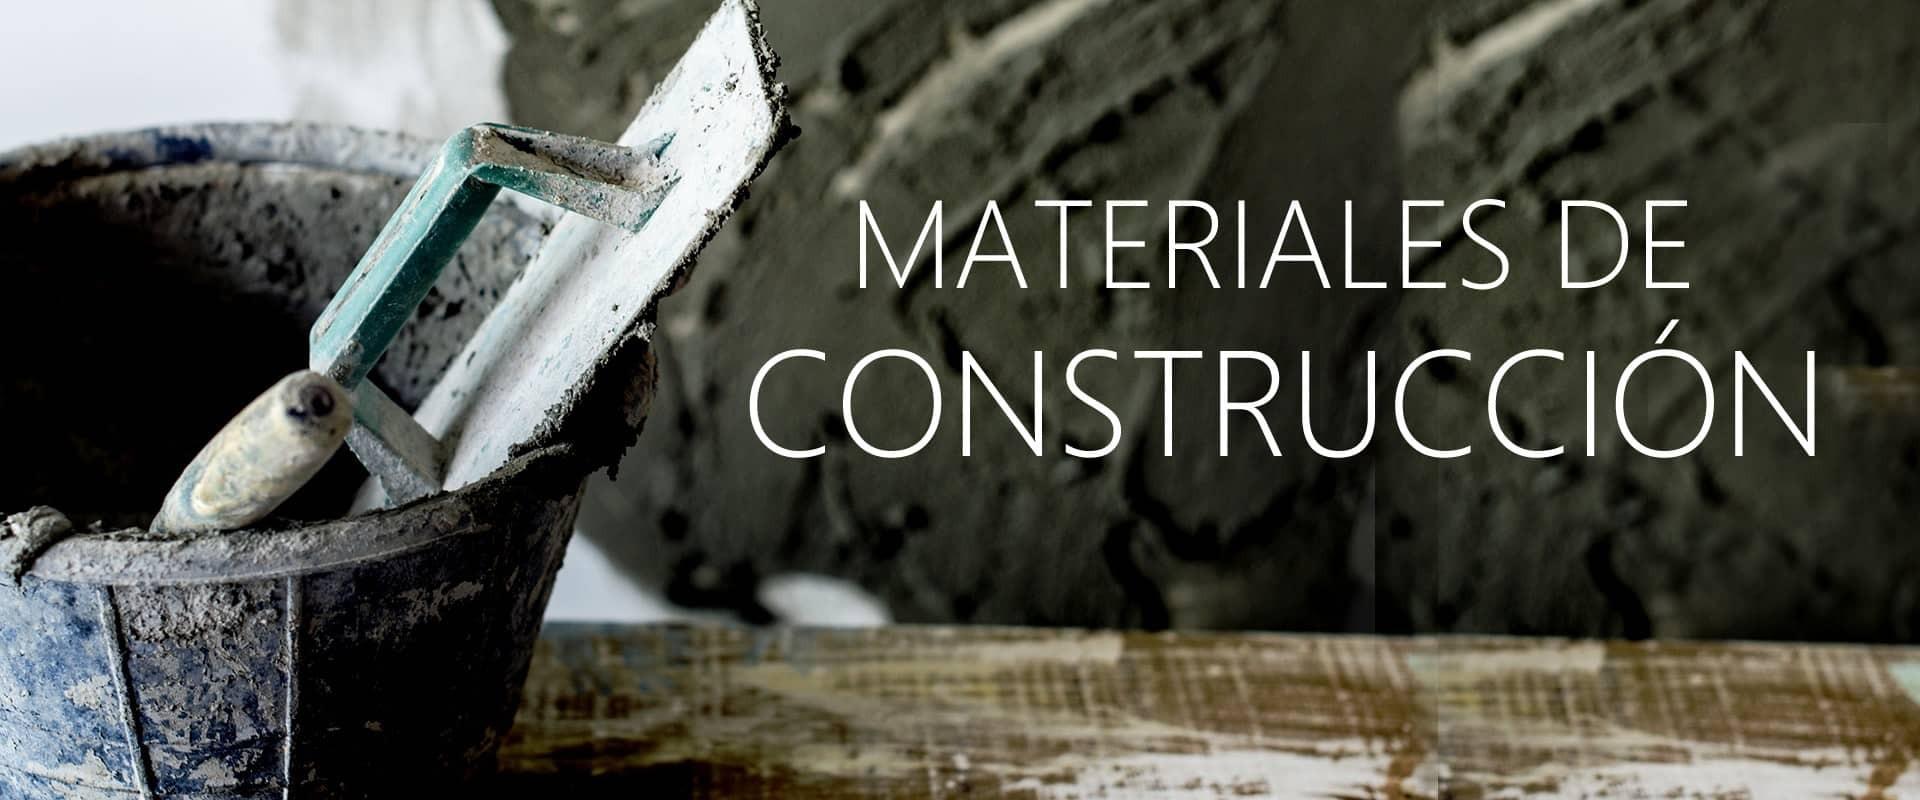 Hierro Palermo Materiales de Construcción